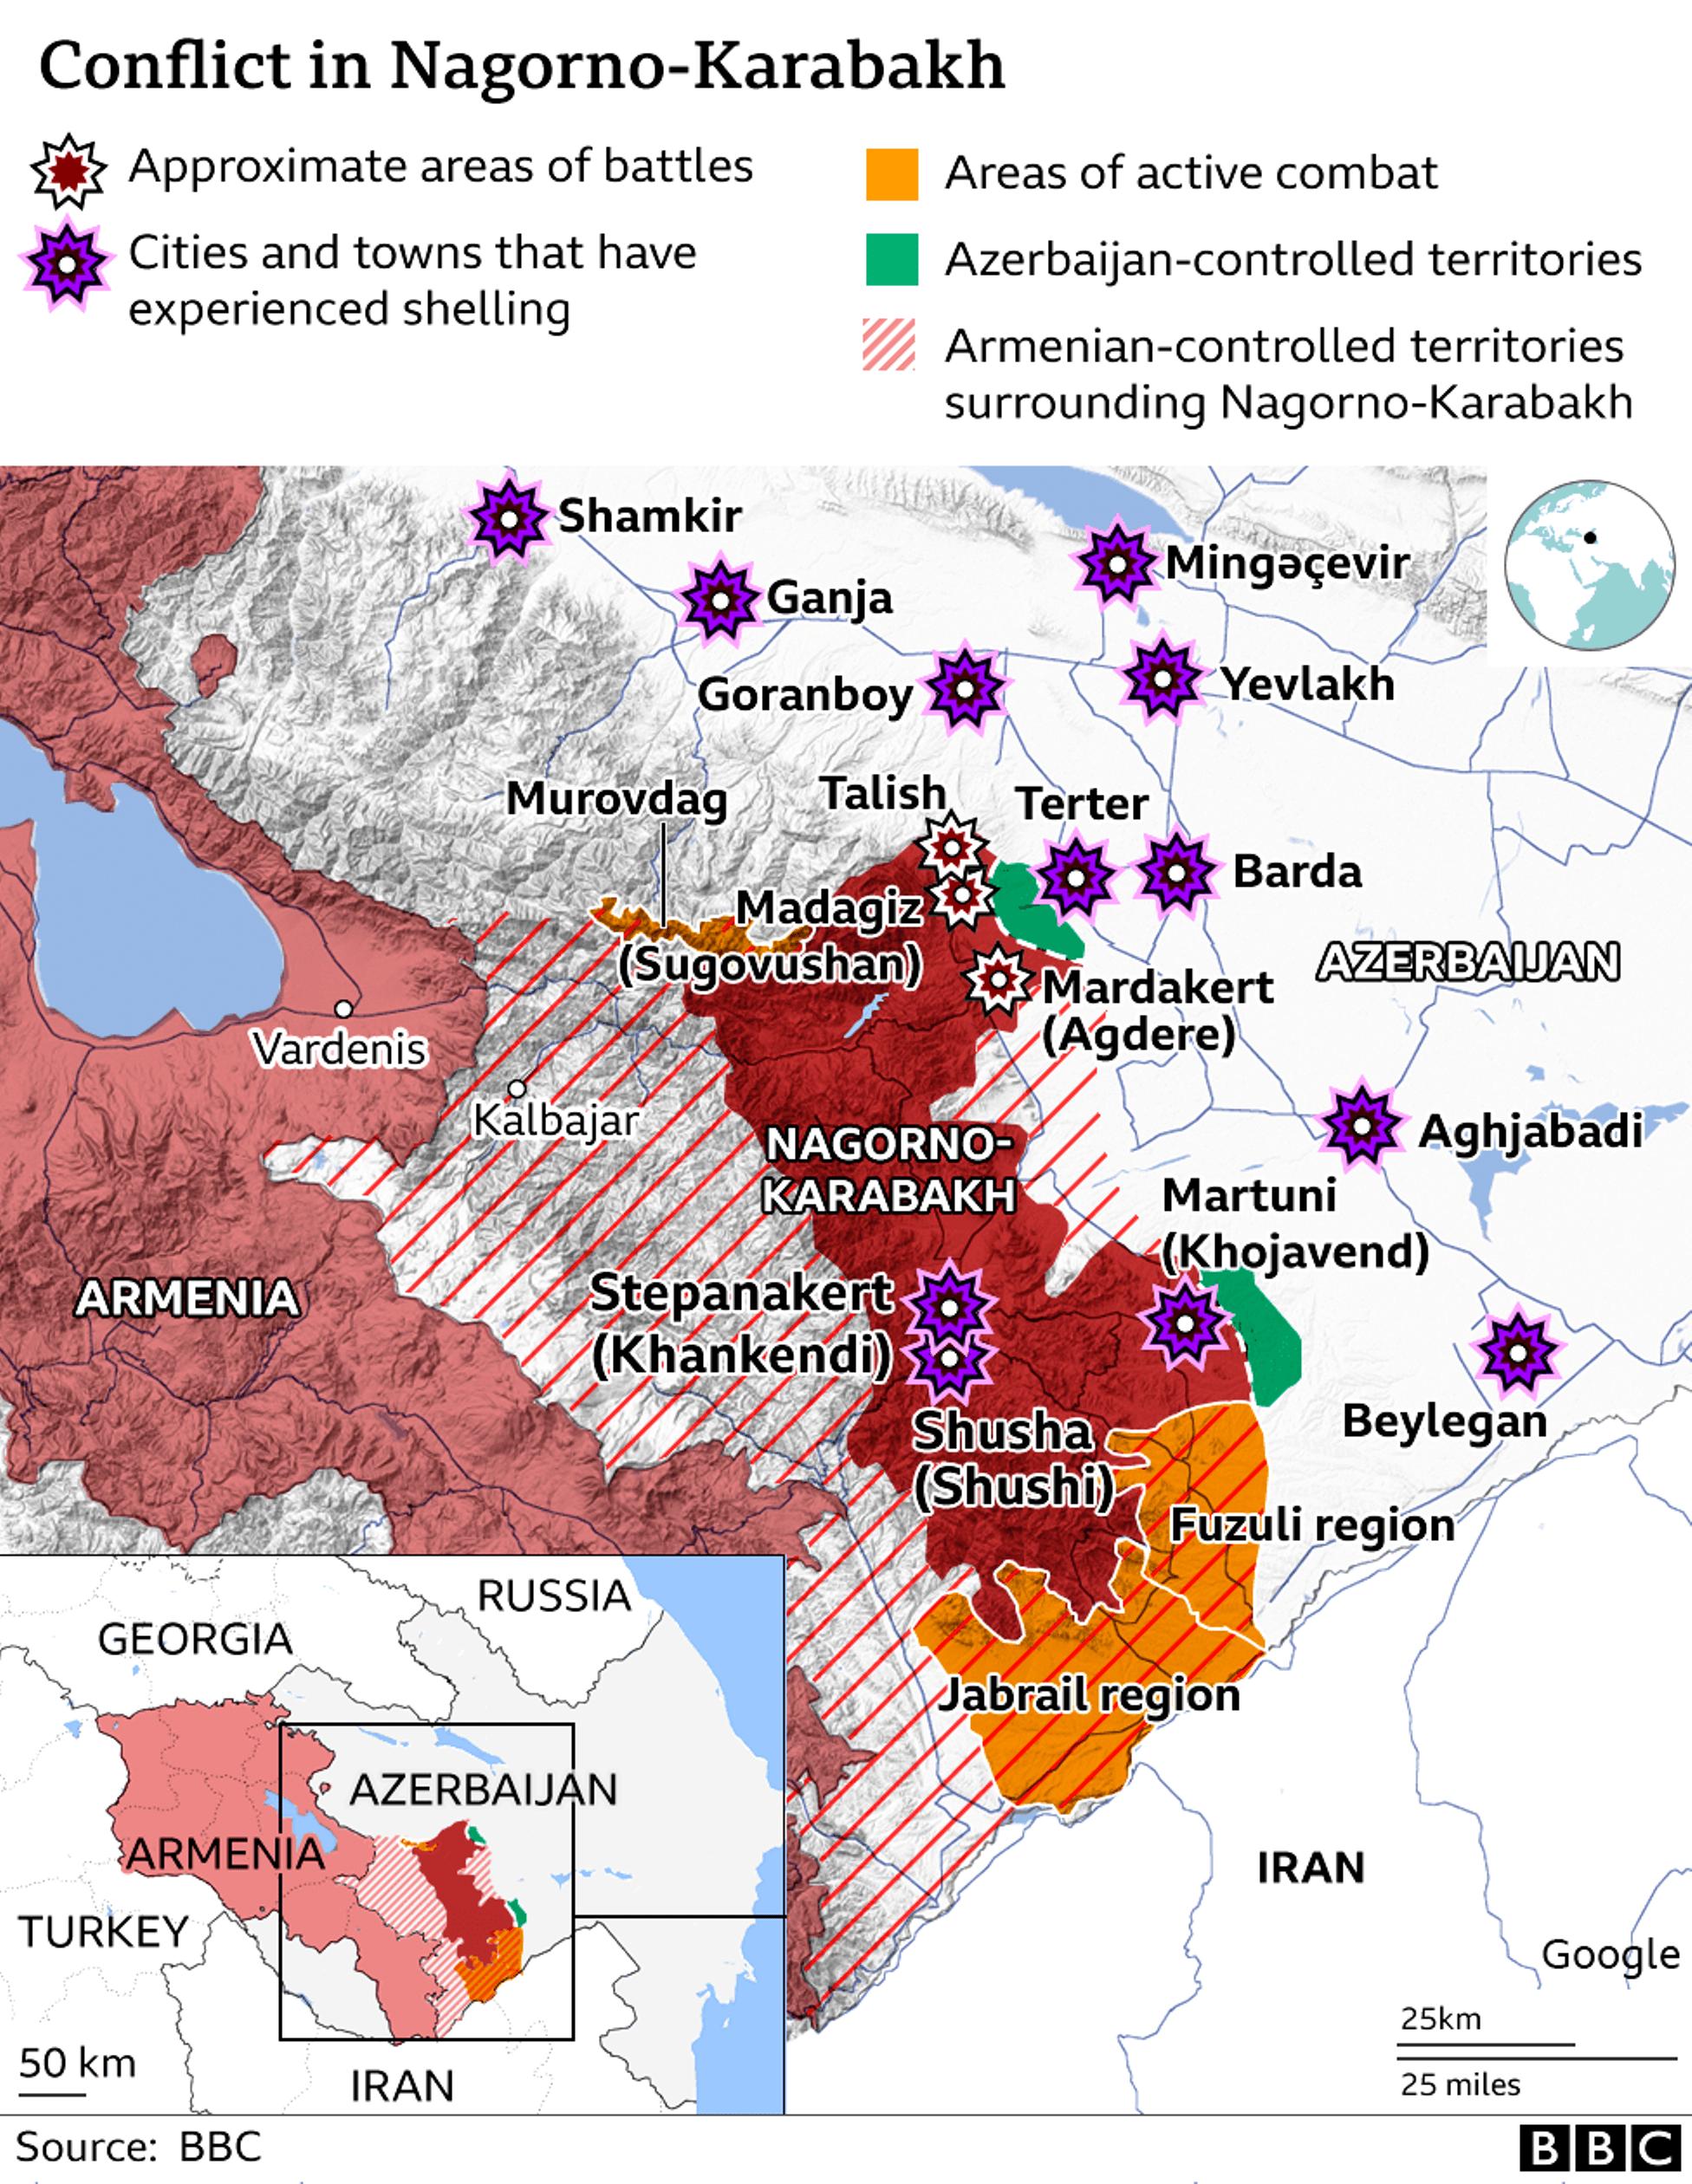 Η πορεία των μαχών στο Ναγκόρνο Καραμπάχ